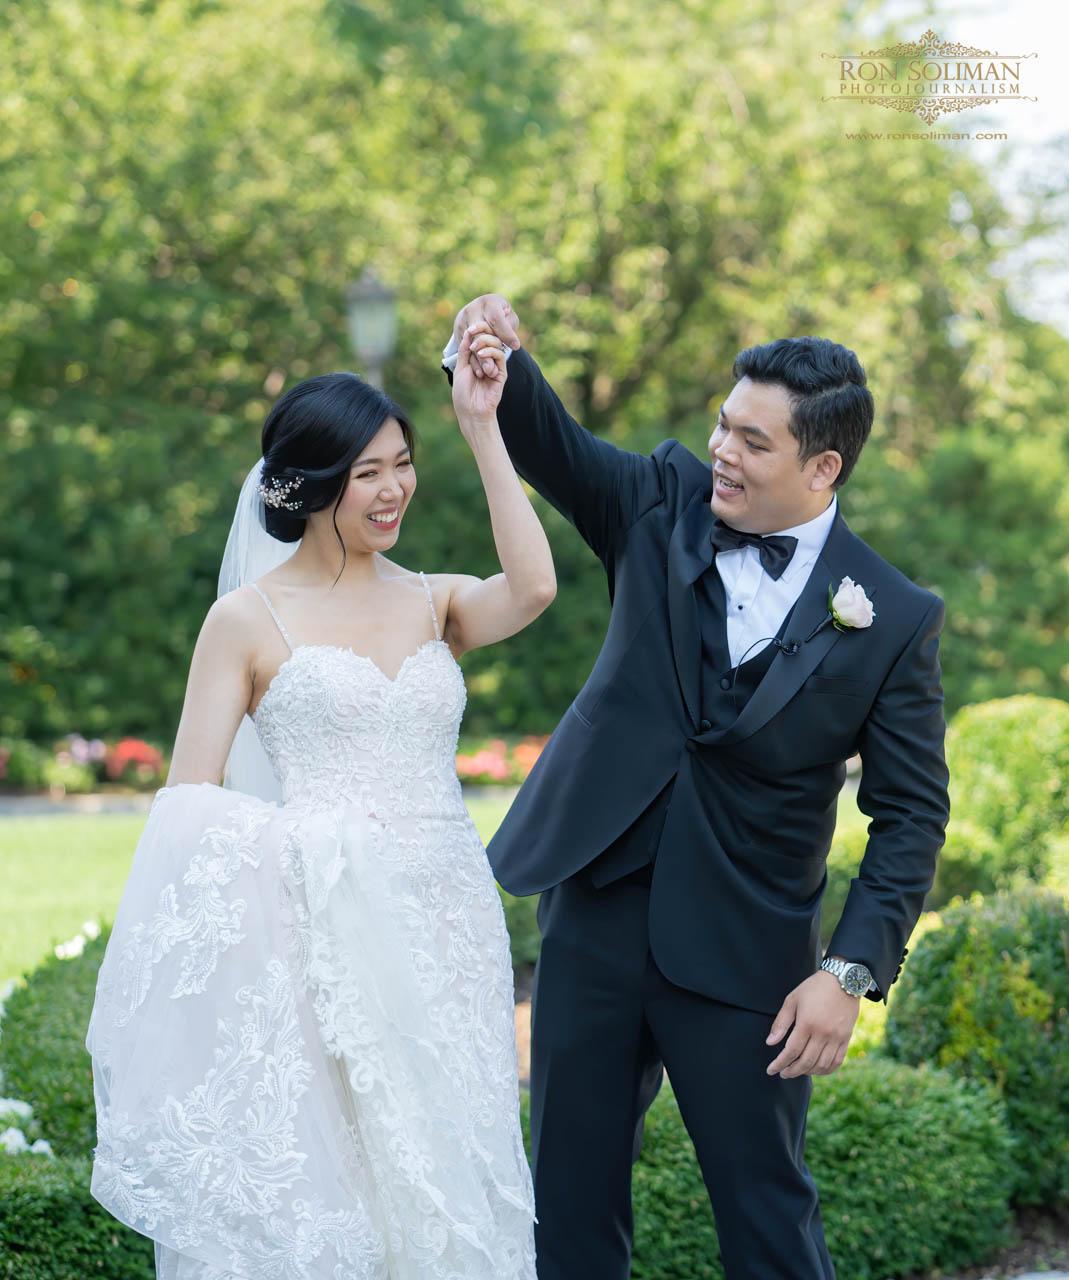 PARK CHATEAU WEDDING 313